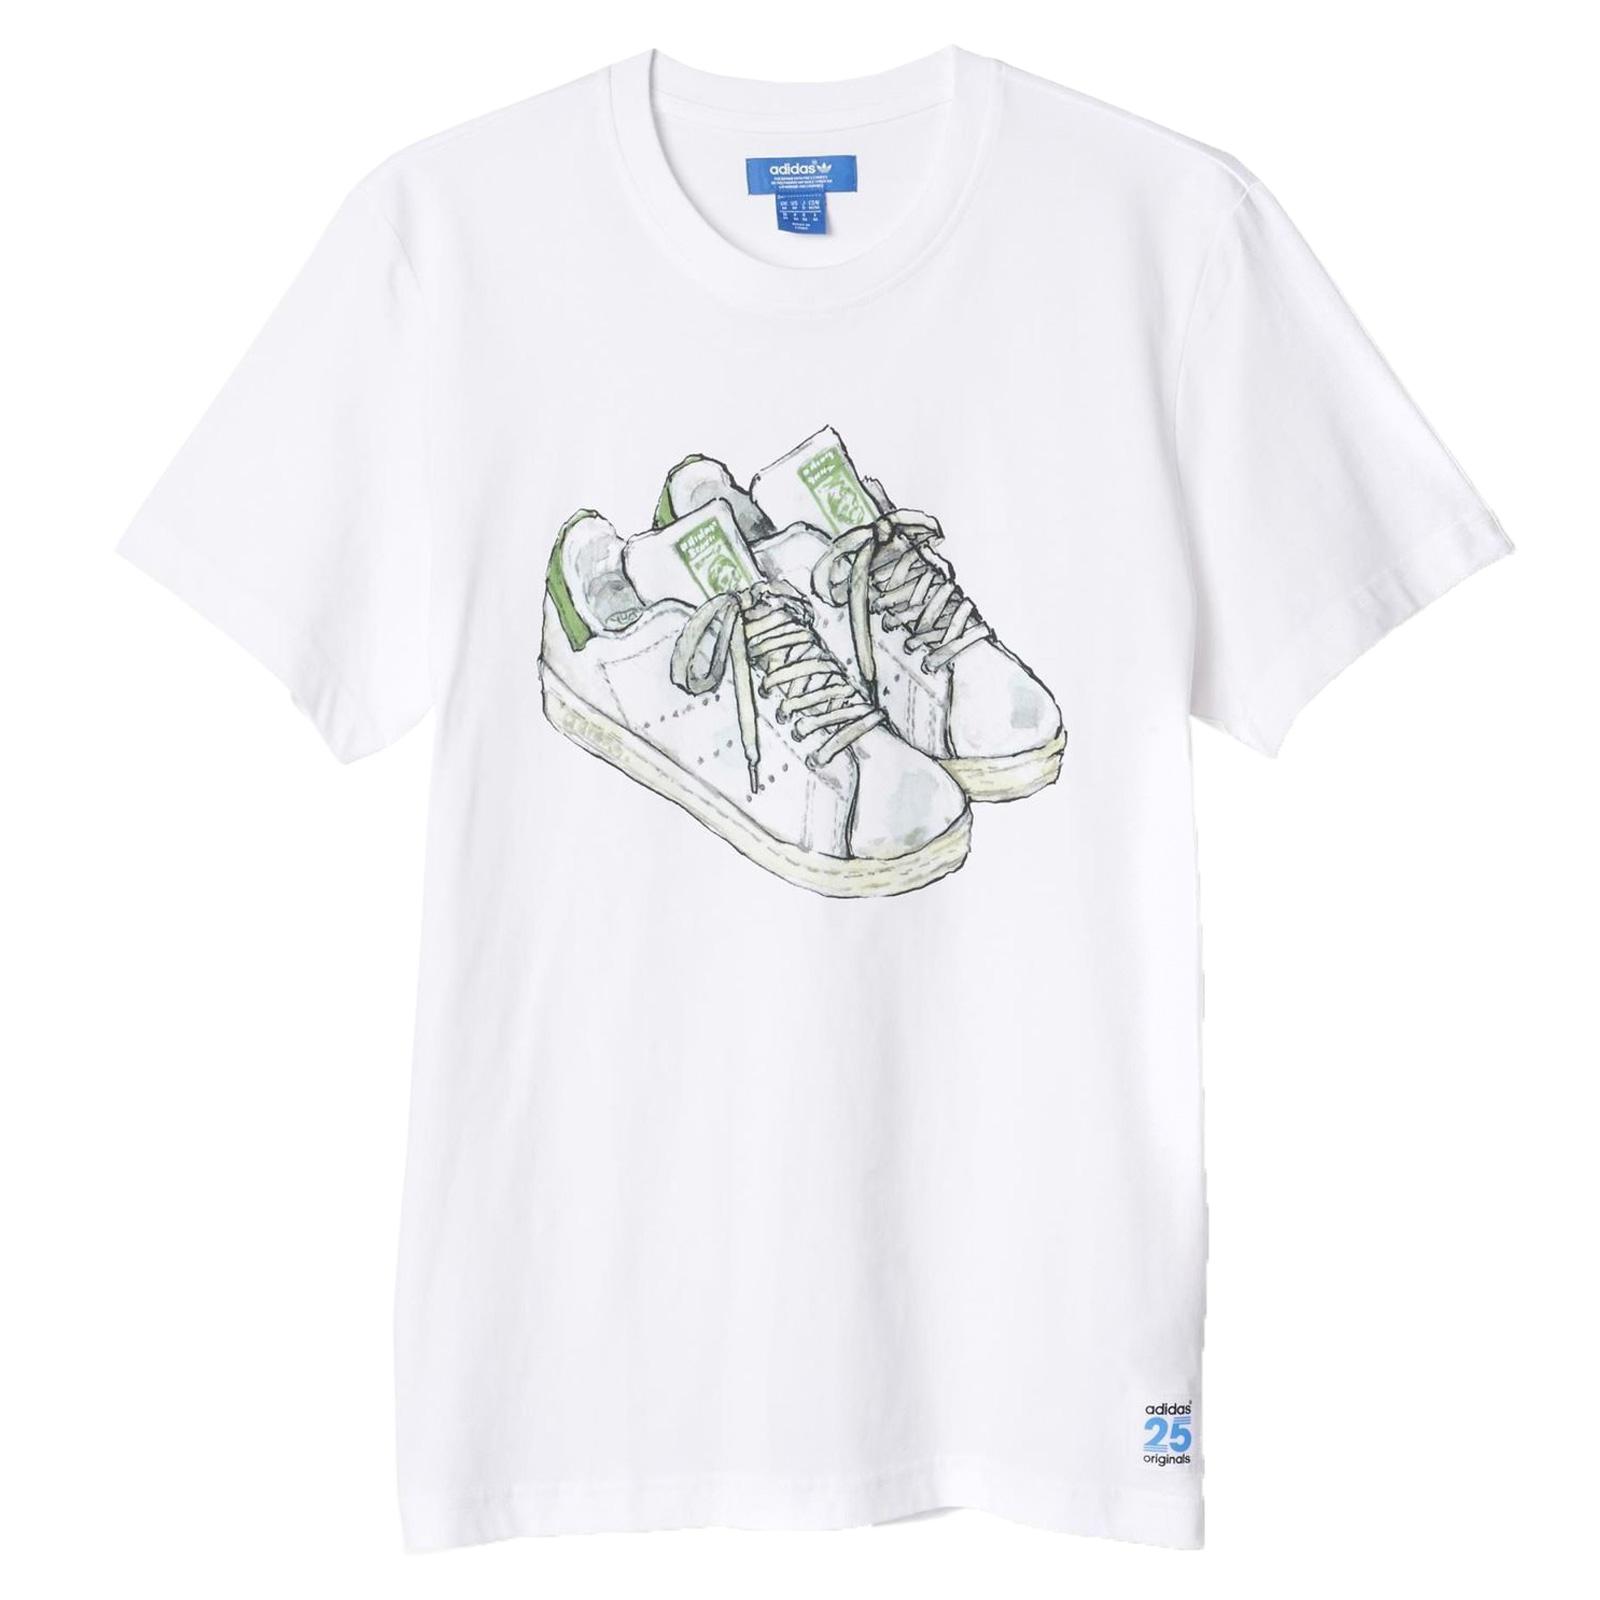 Details about Adidas original x nigo stan